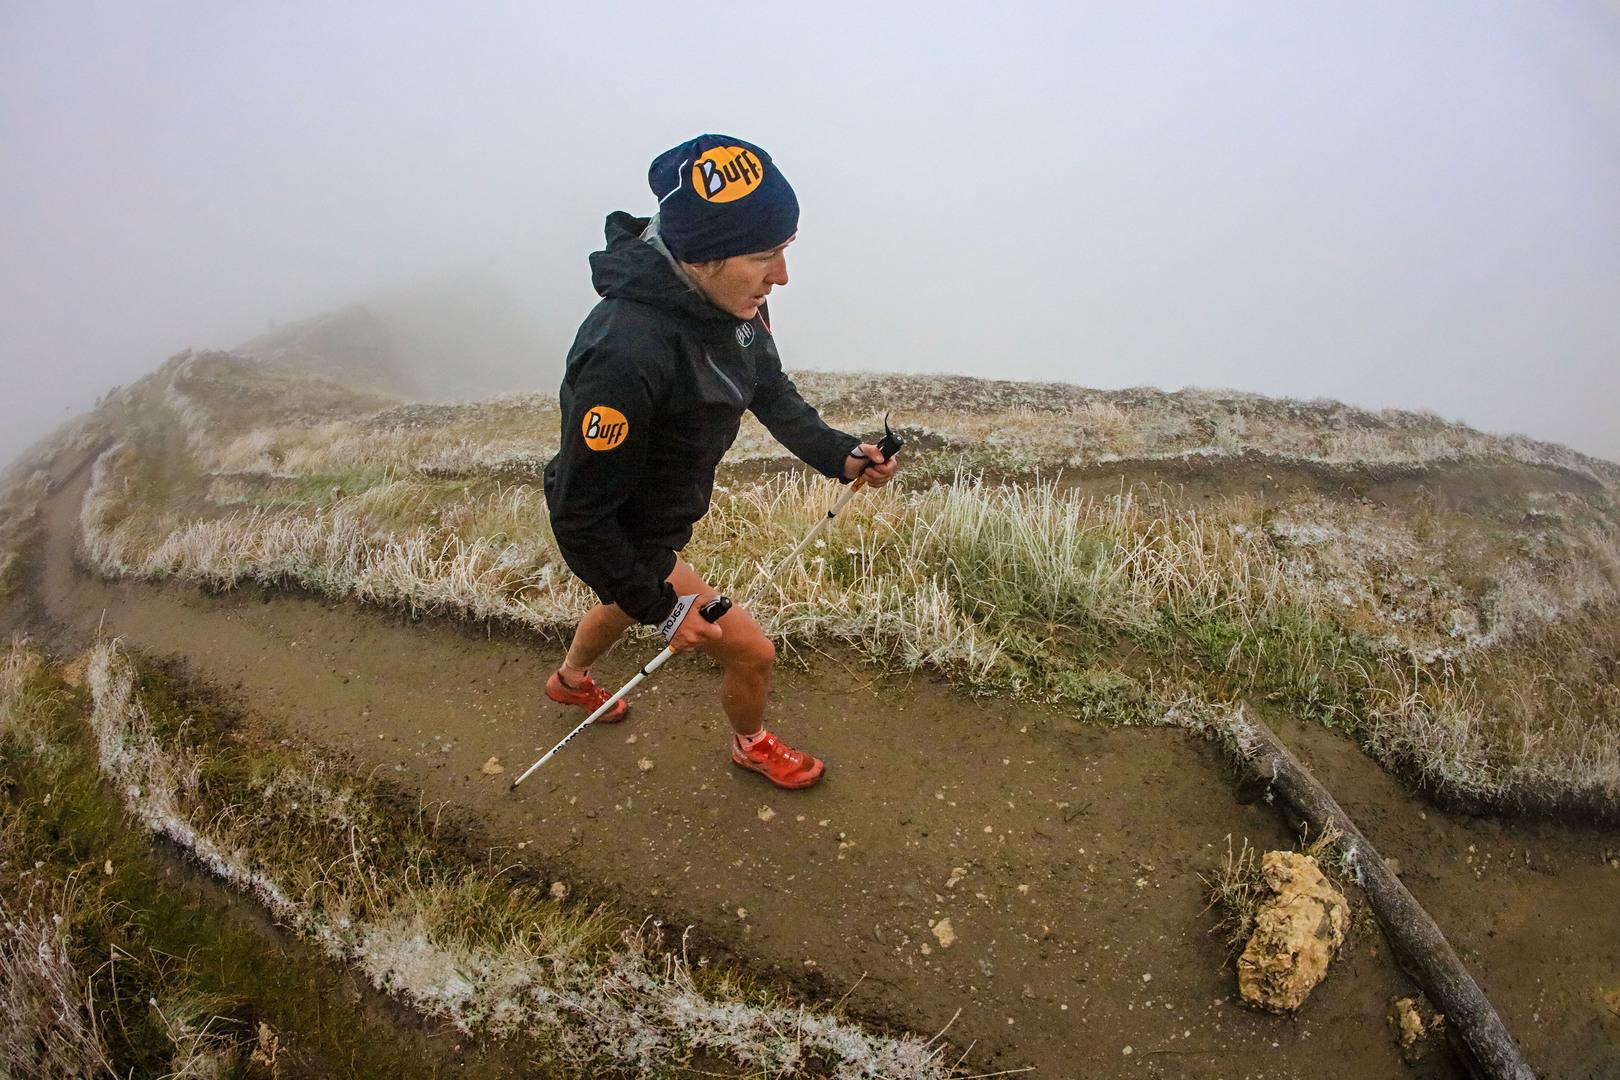 Un passaggio spettacolare di Nuria Picas tra le nebbie dei colli alpini photo : Franck Oddoux